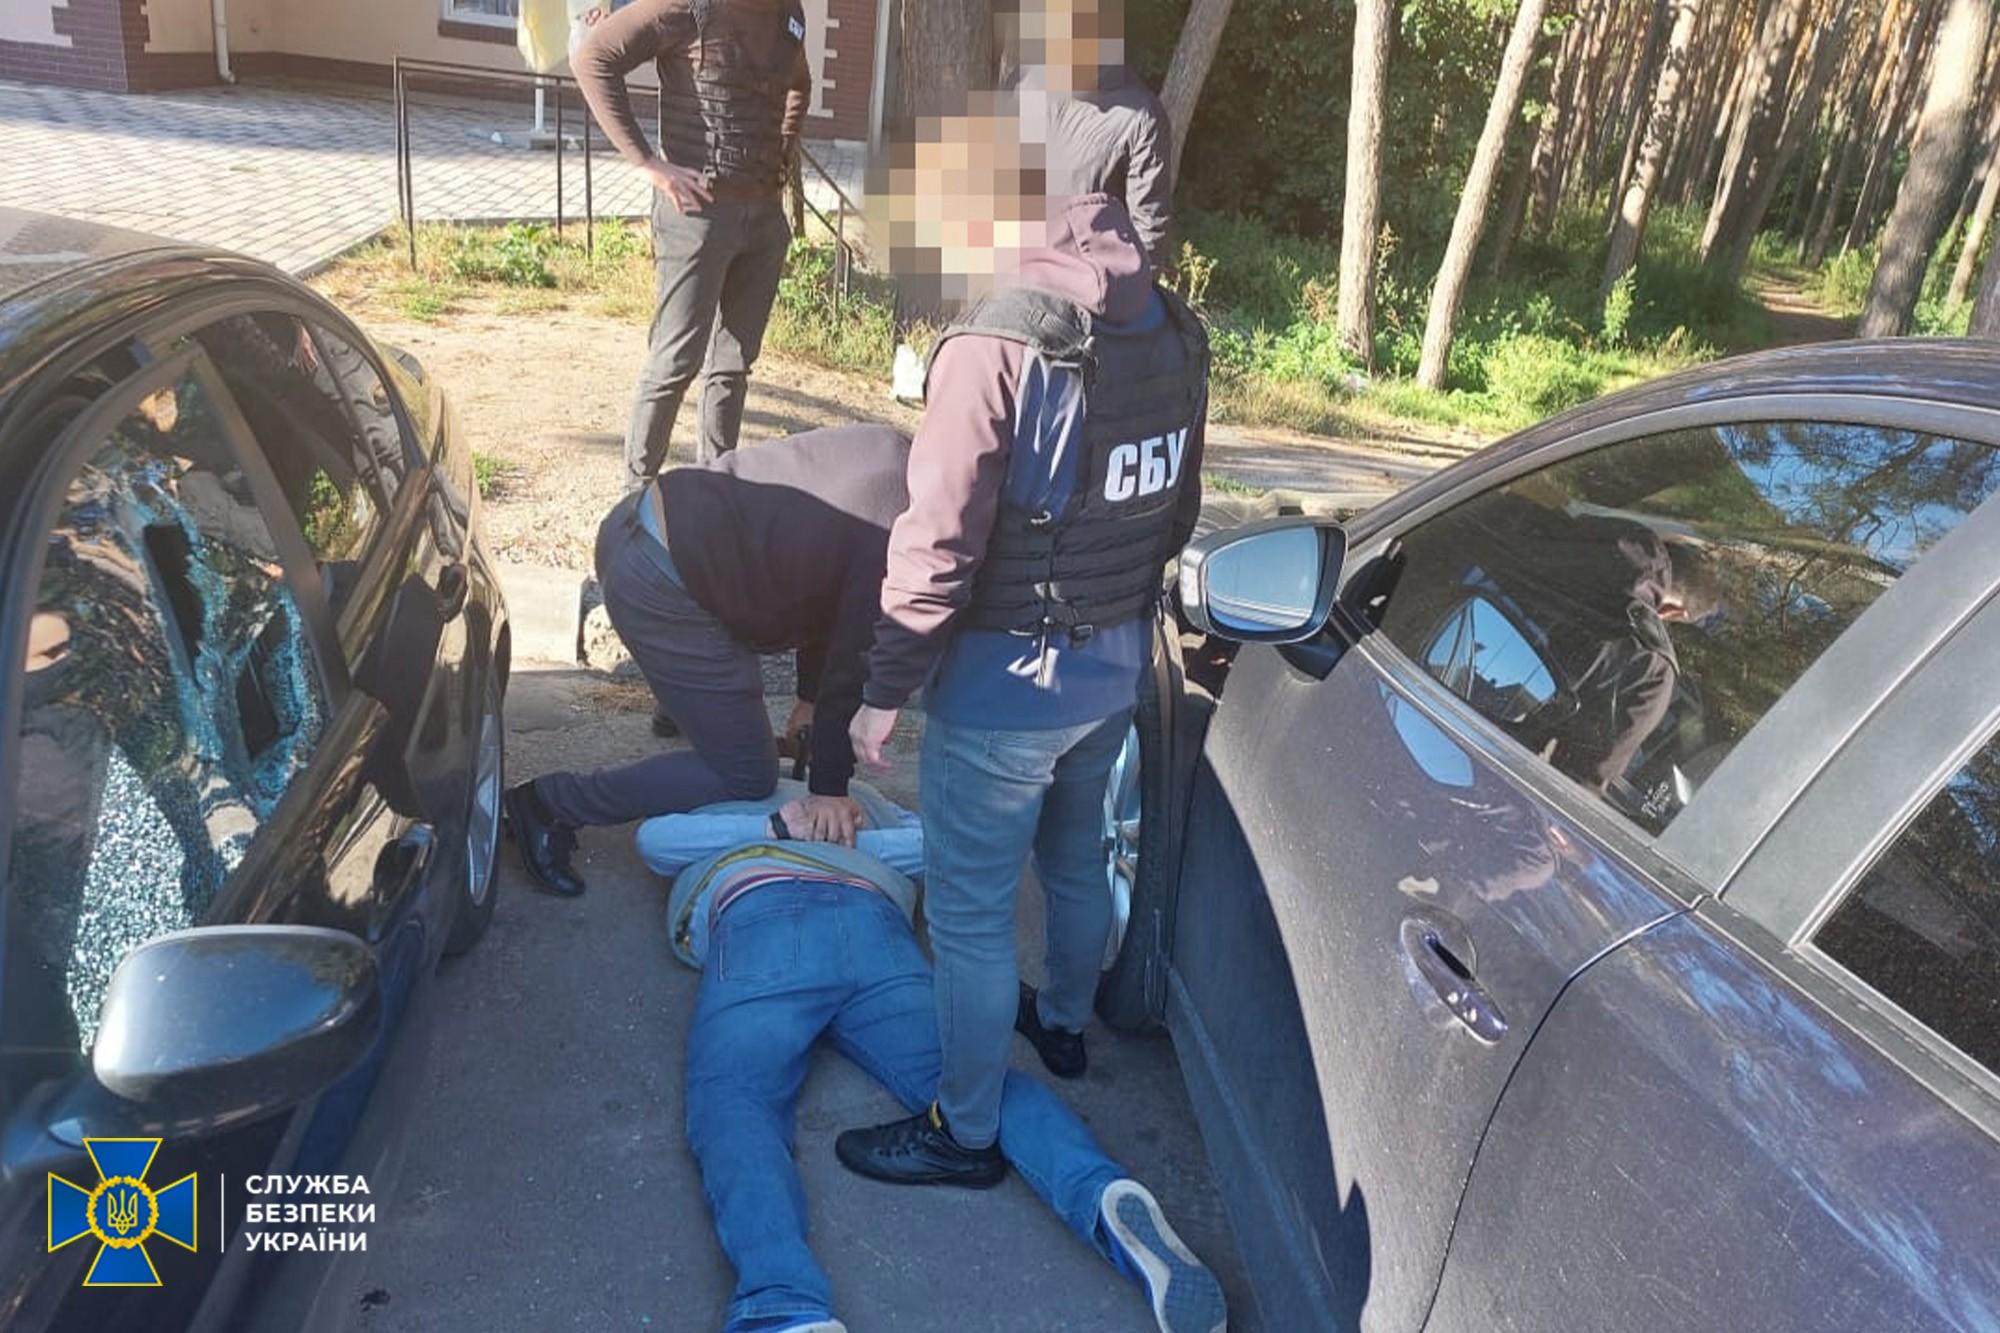 СБУ: На взятке $20 000 задержан начальник Летной академии НАУ – фото, видео